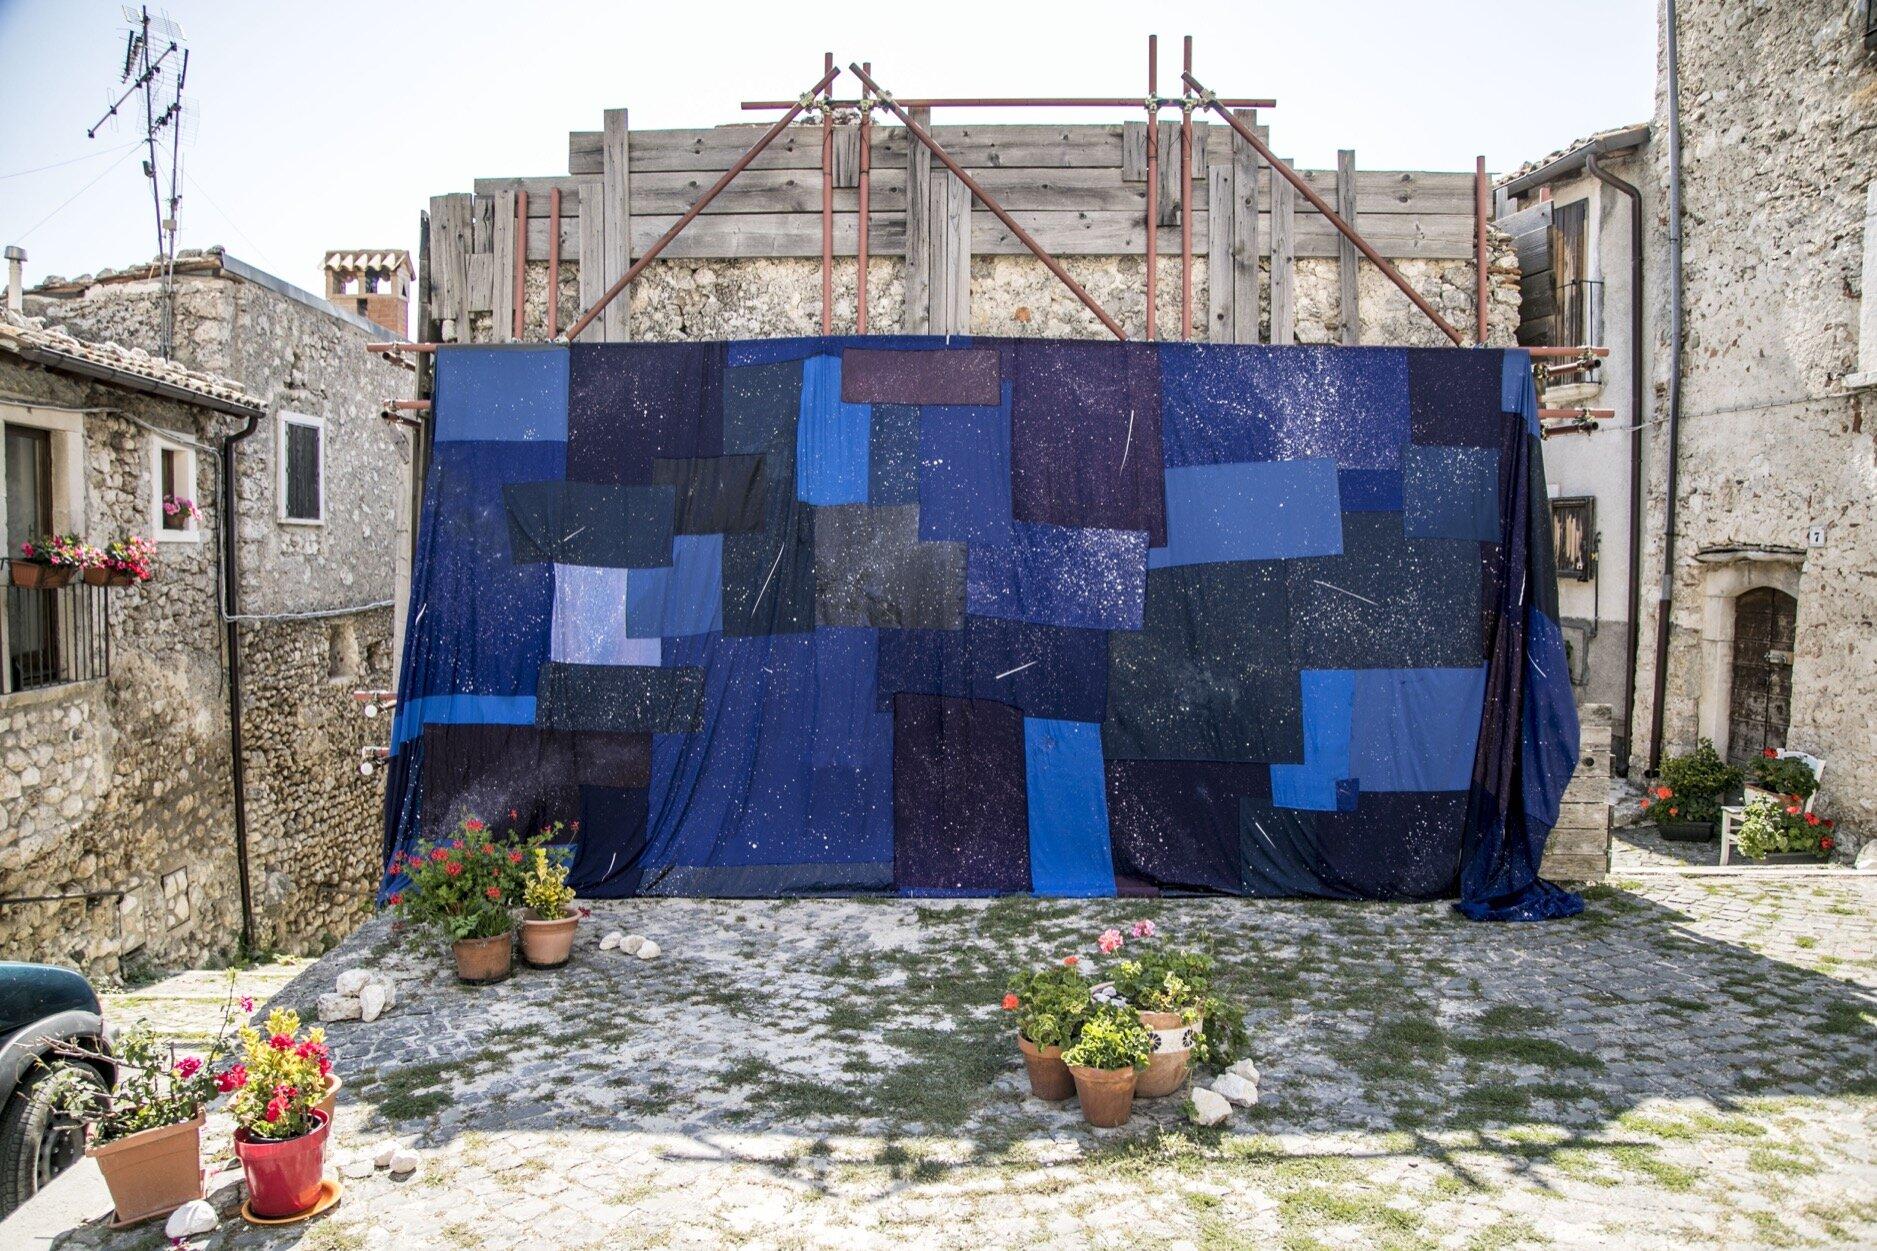 13 BA2020 Antonello Ghezzi S. Stefano Di Sessanio Low